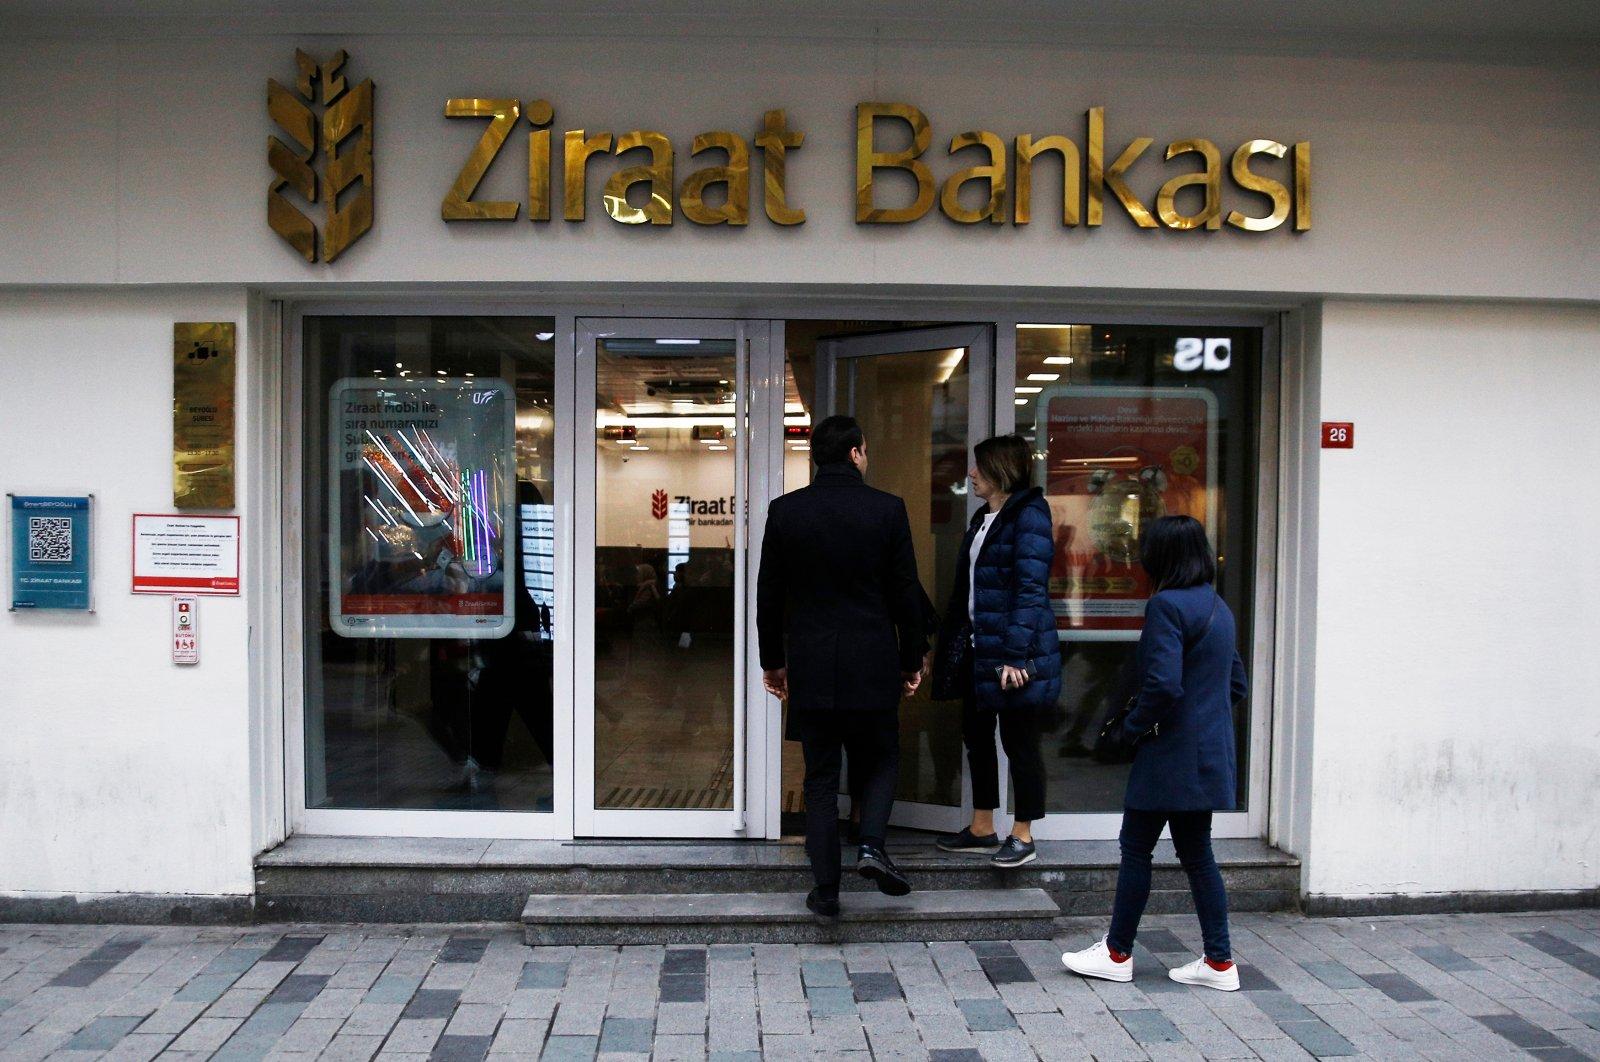 People walk past a Ziraat Bank branch in Istanbul, Turkey, Jan. 3, 2019. (Shutterstock Photo)